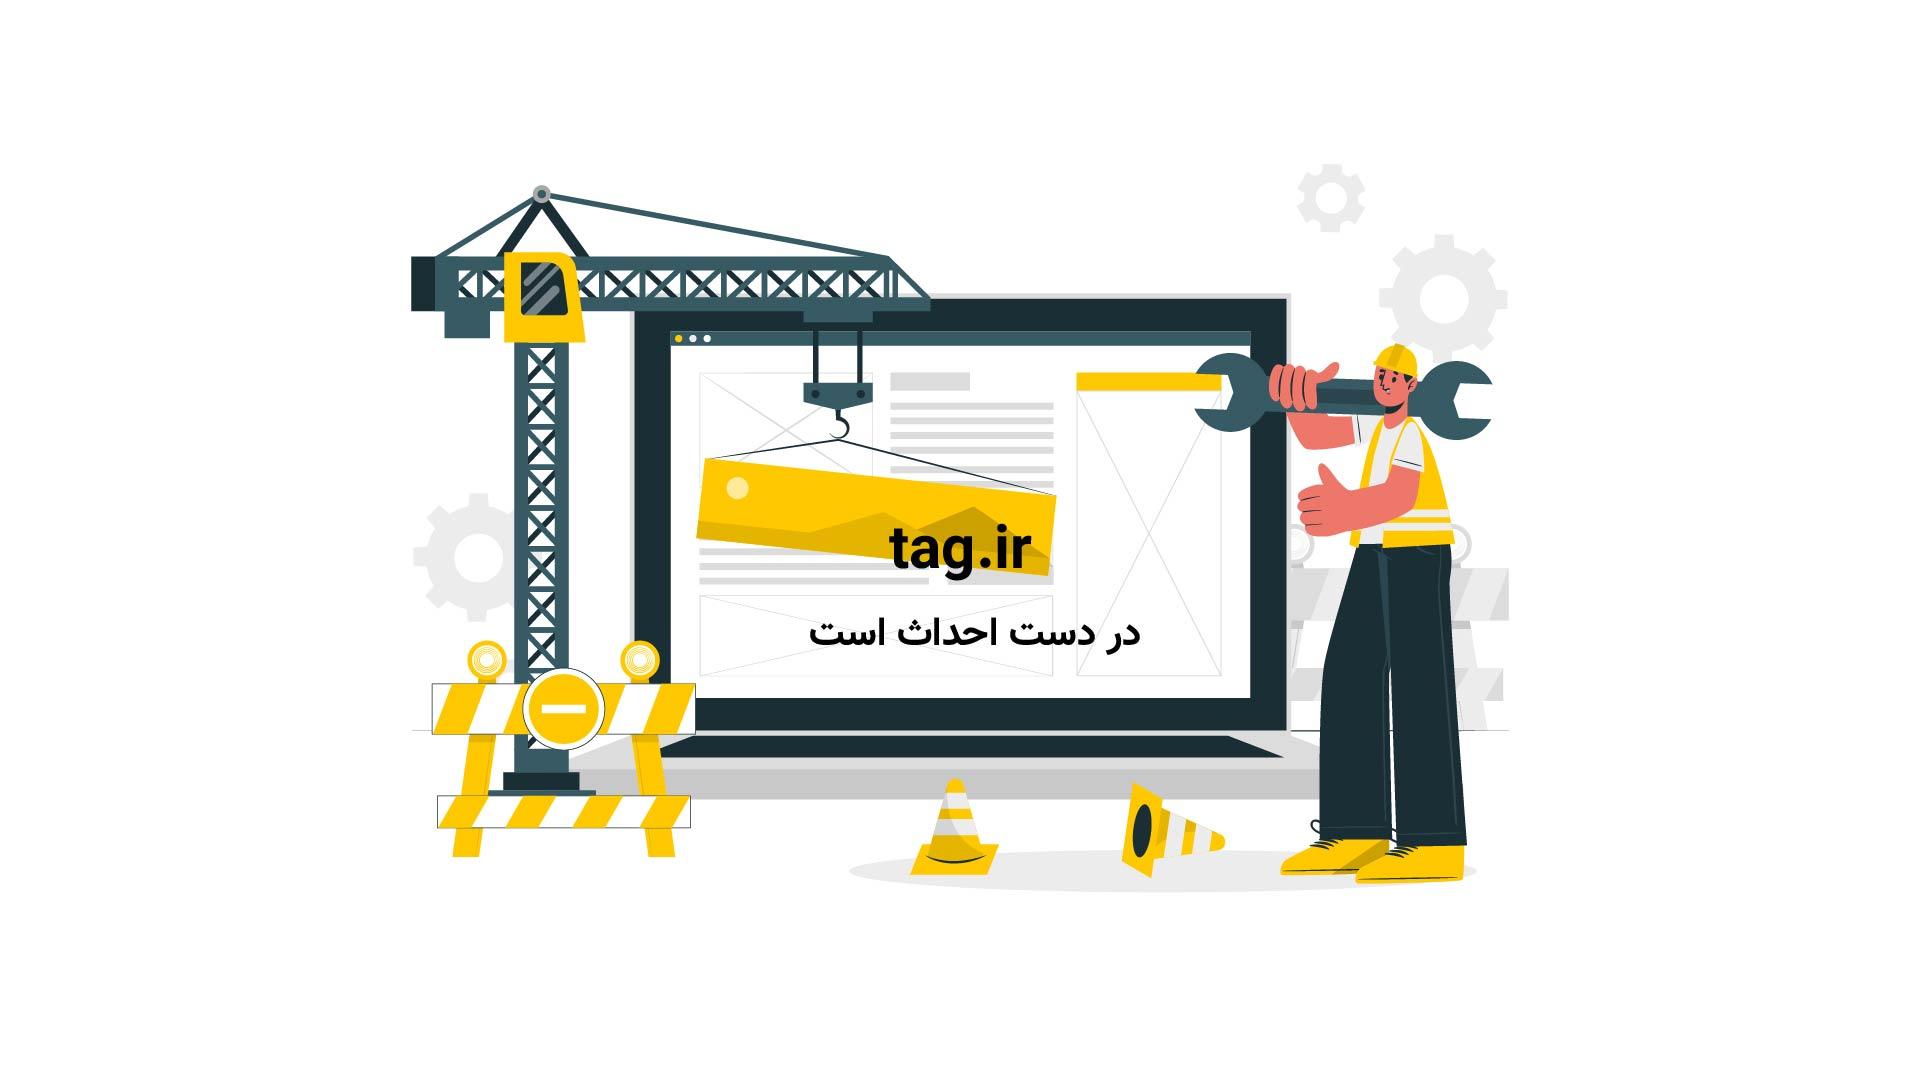 ساخت زیر گذر برای عبور پنگوئنها از زیر جاده در نیوزلند | فیلم